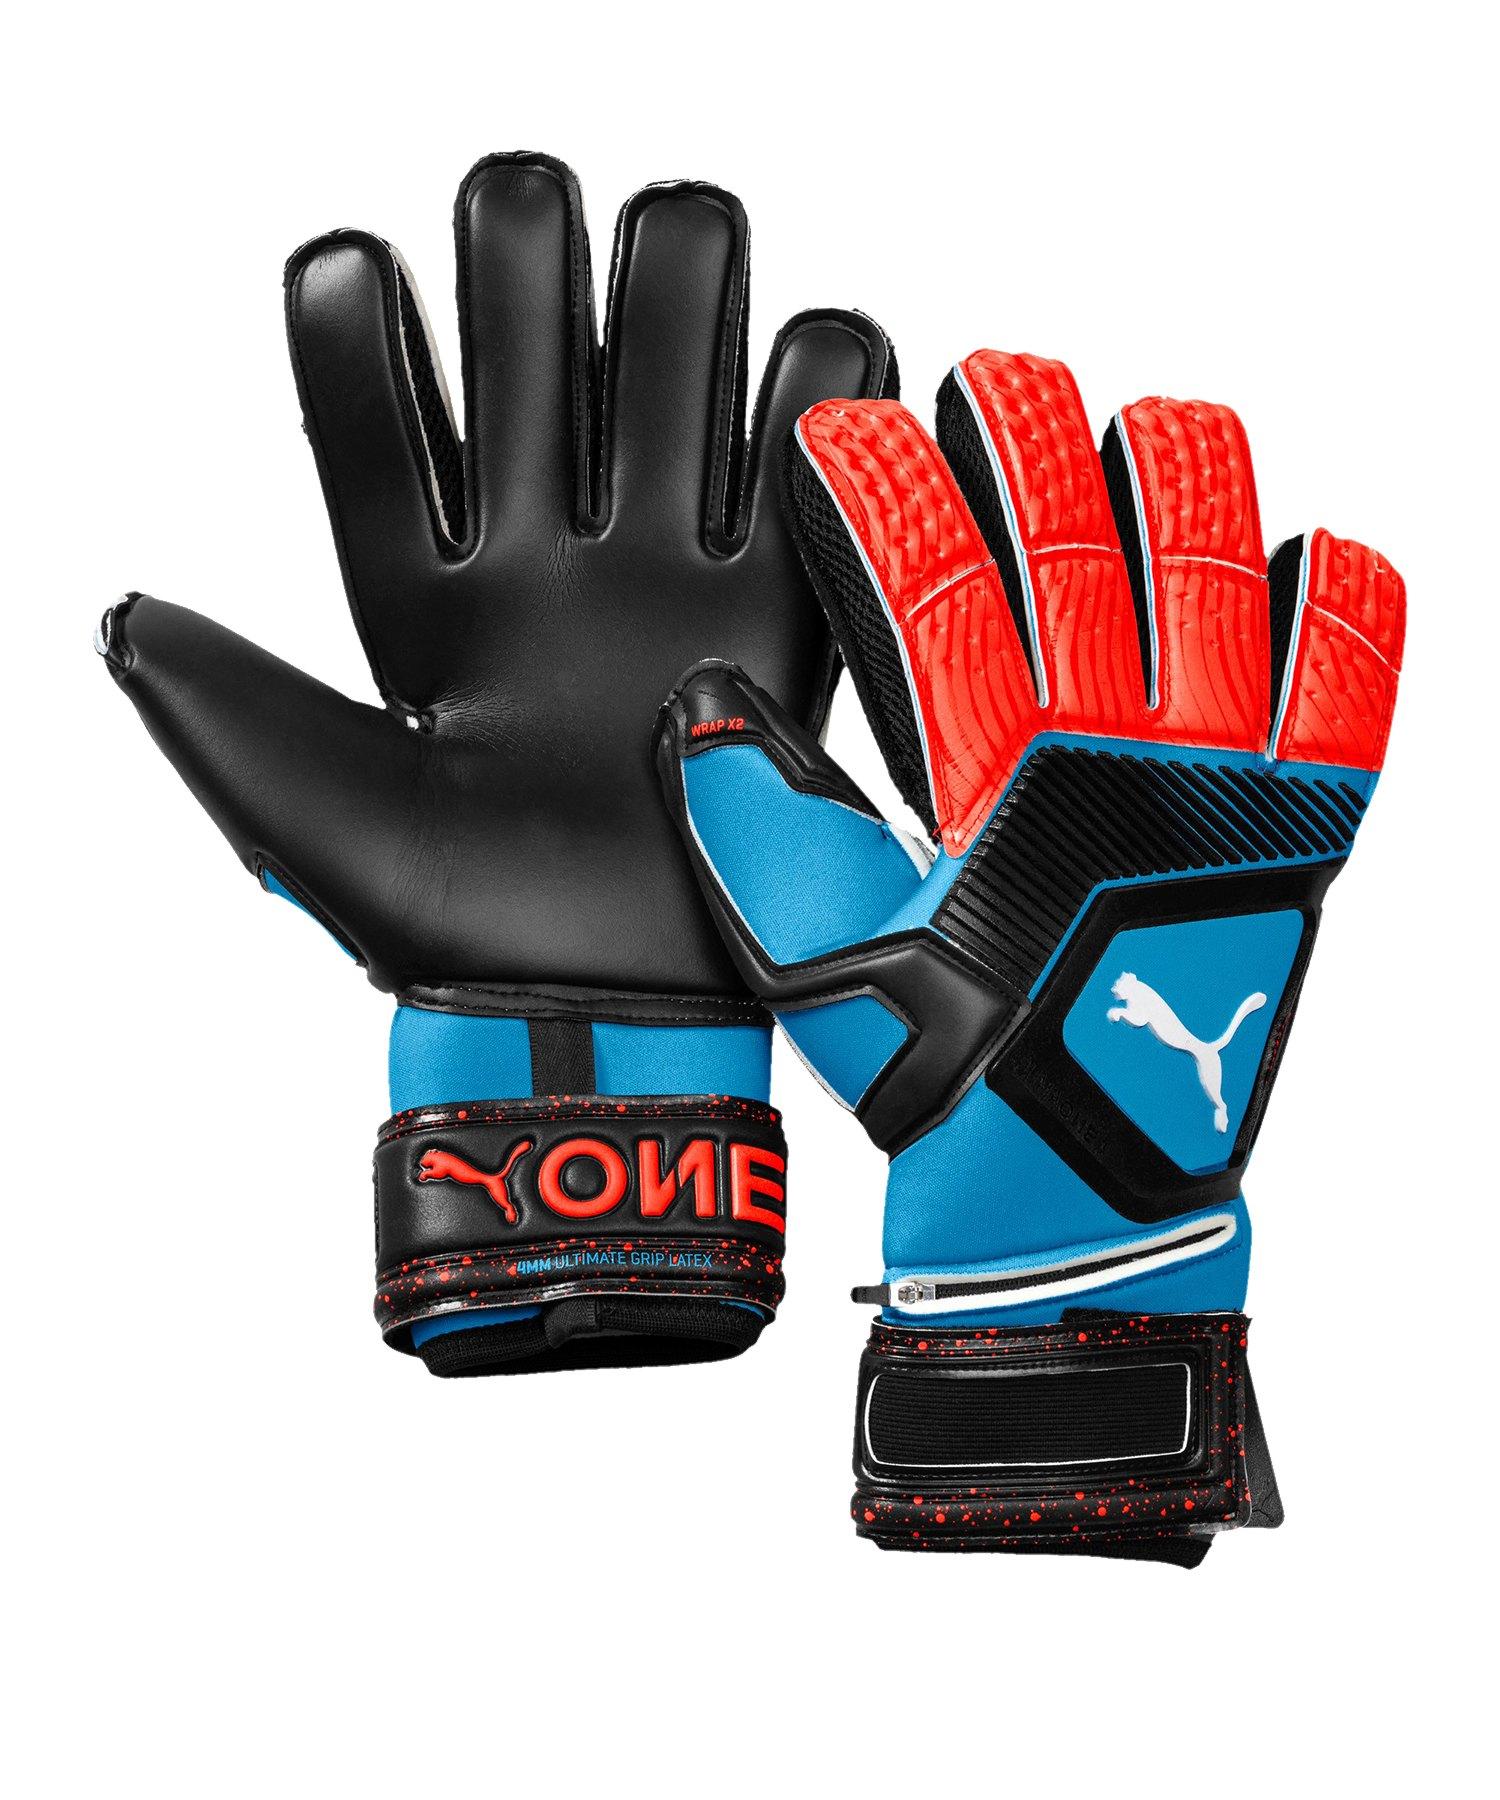 PUMA ONE Protect 1 Torwarthandschuh Blau Rot F21 - blau